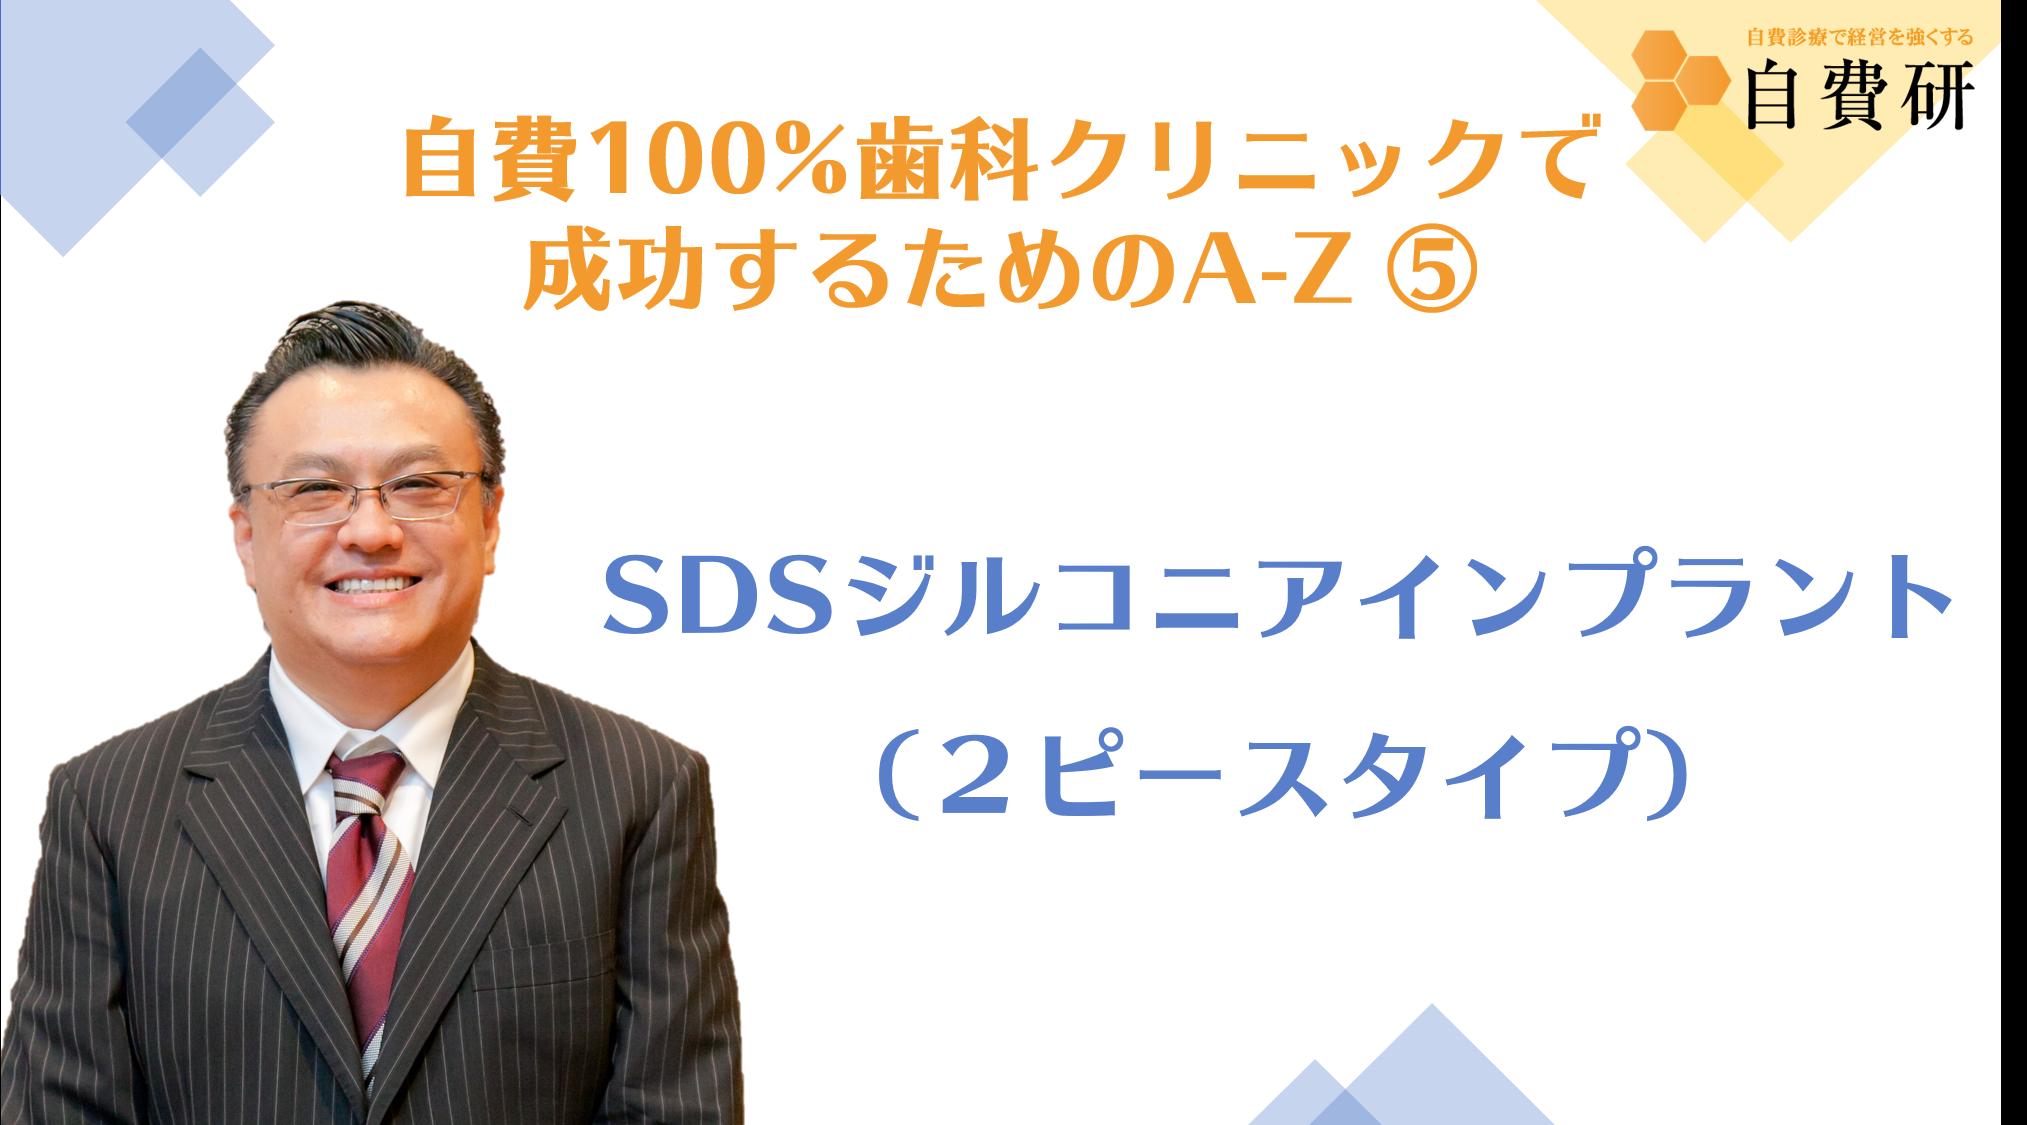 『自費100%歯科クリニックで成功するためのA-Z』⑤SDSジルコニアインプラント(2ピースタイプ)